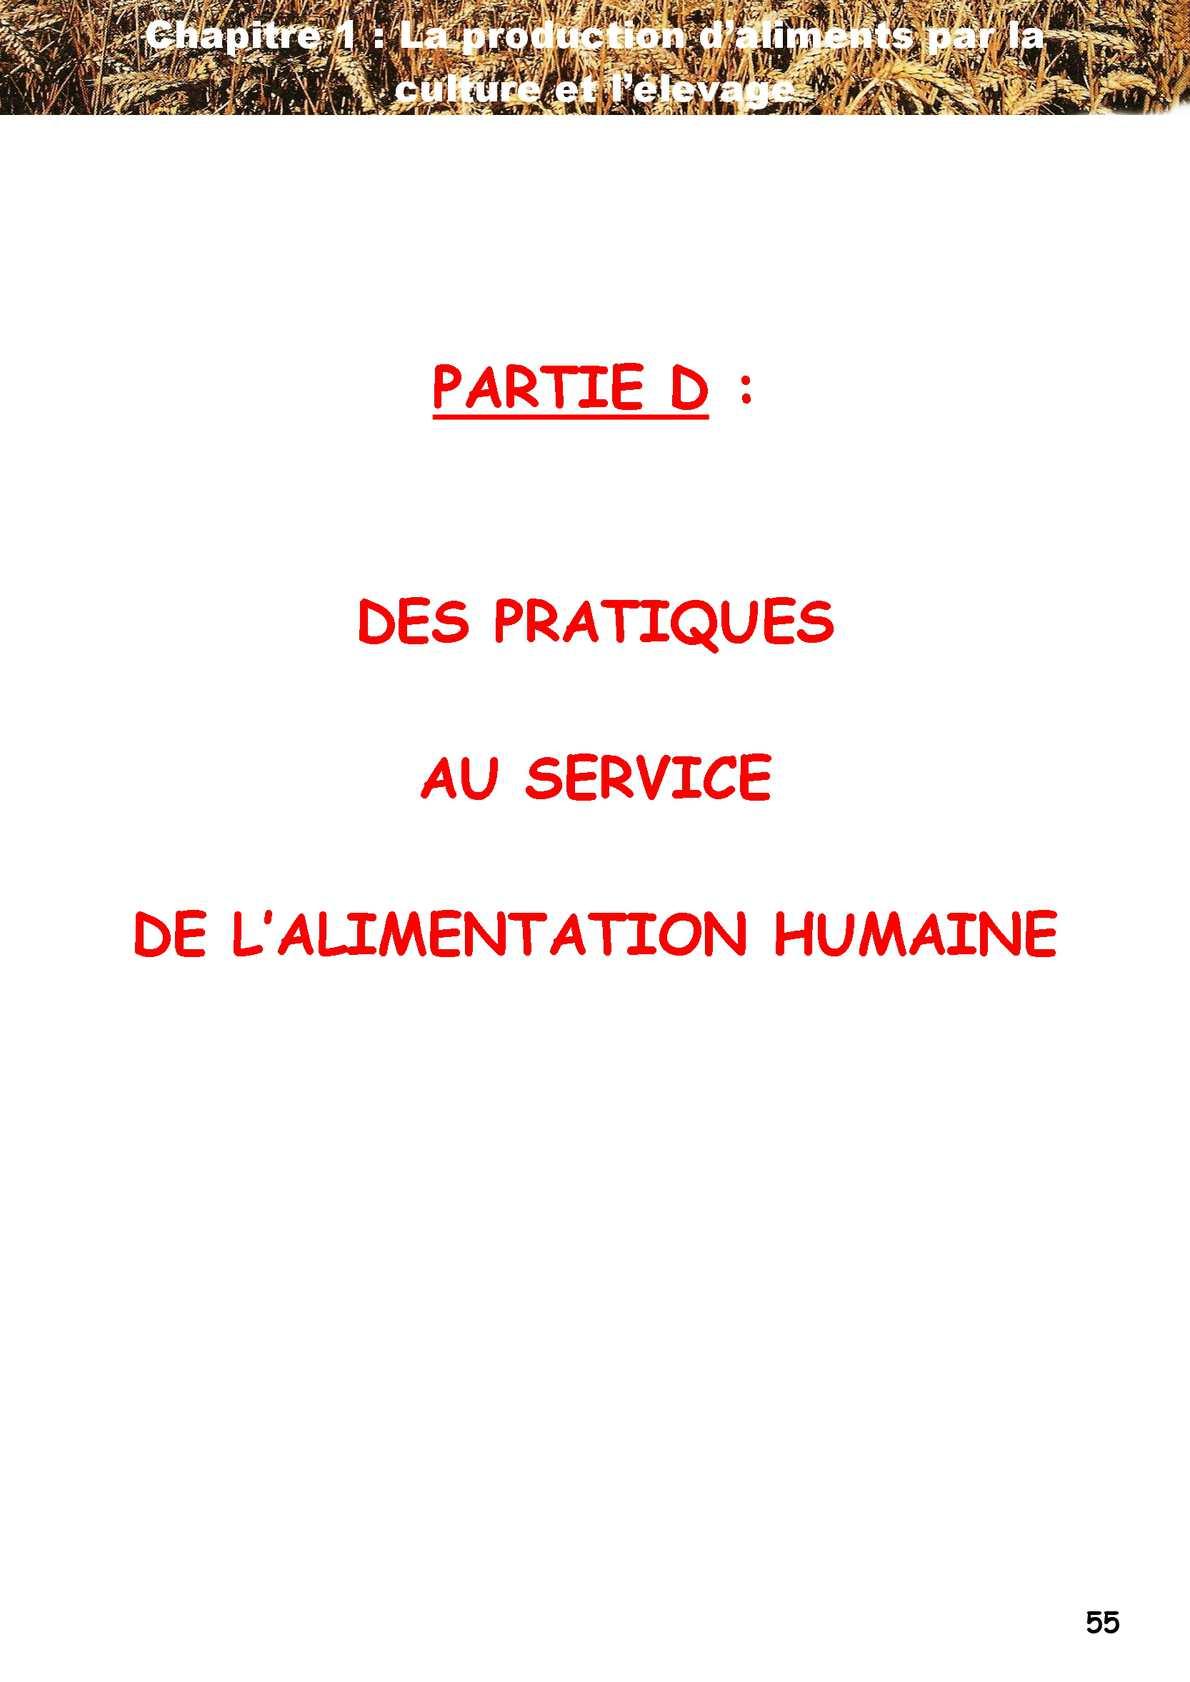 6D1_Cahier élève_Culture, élevage_13